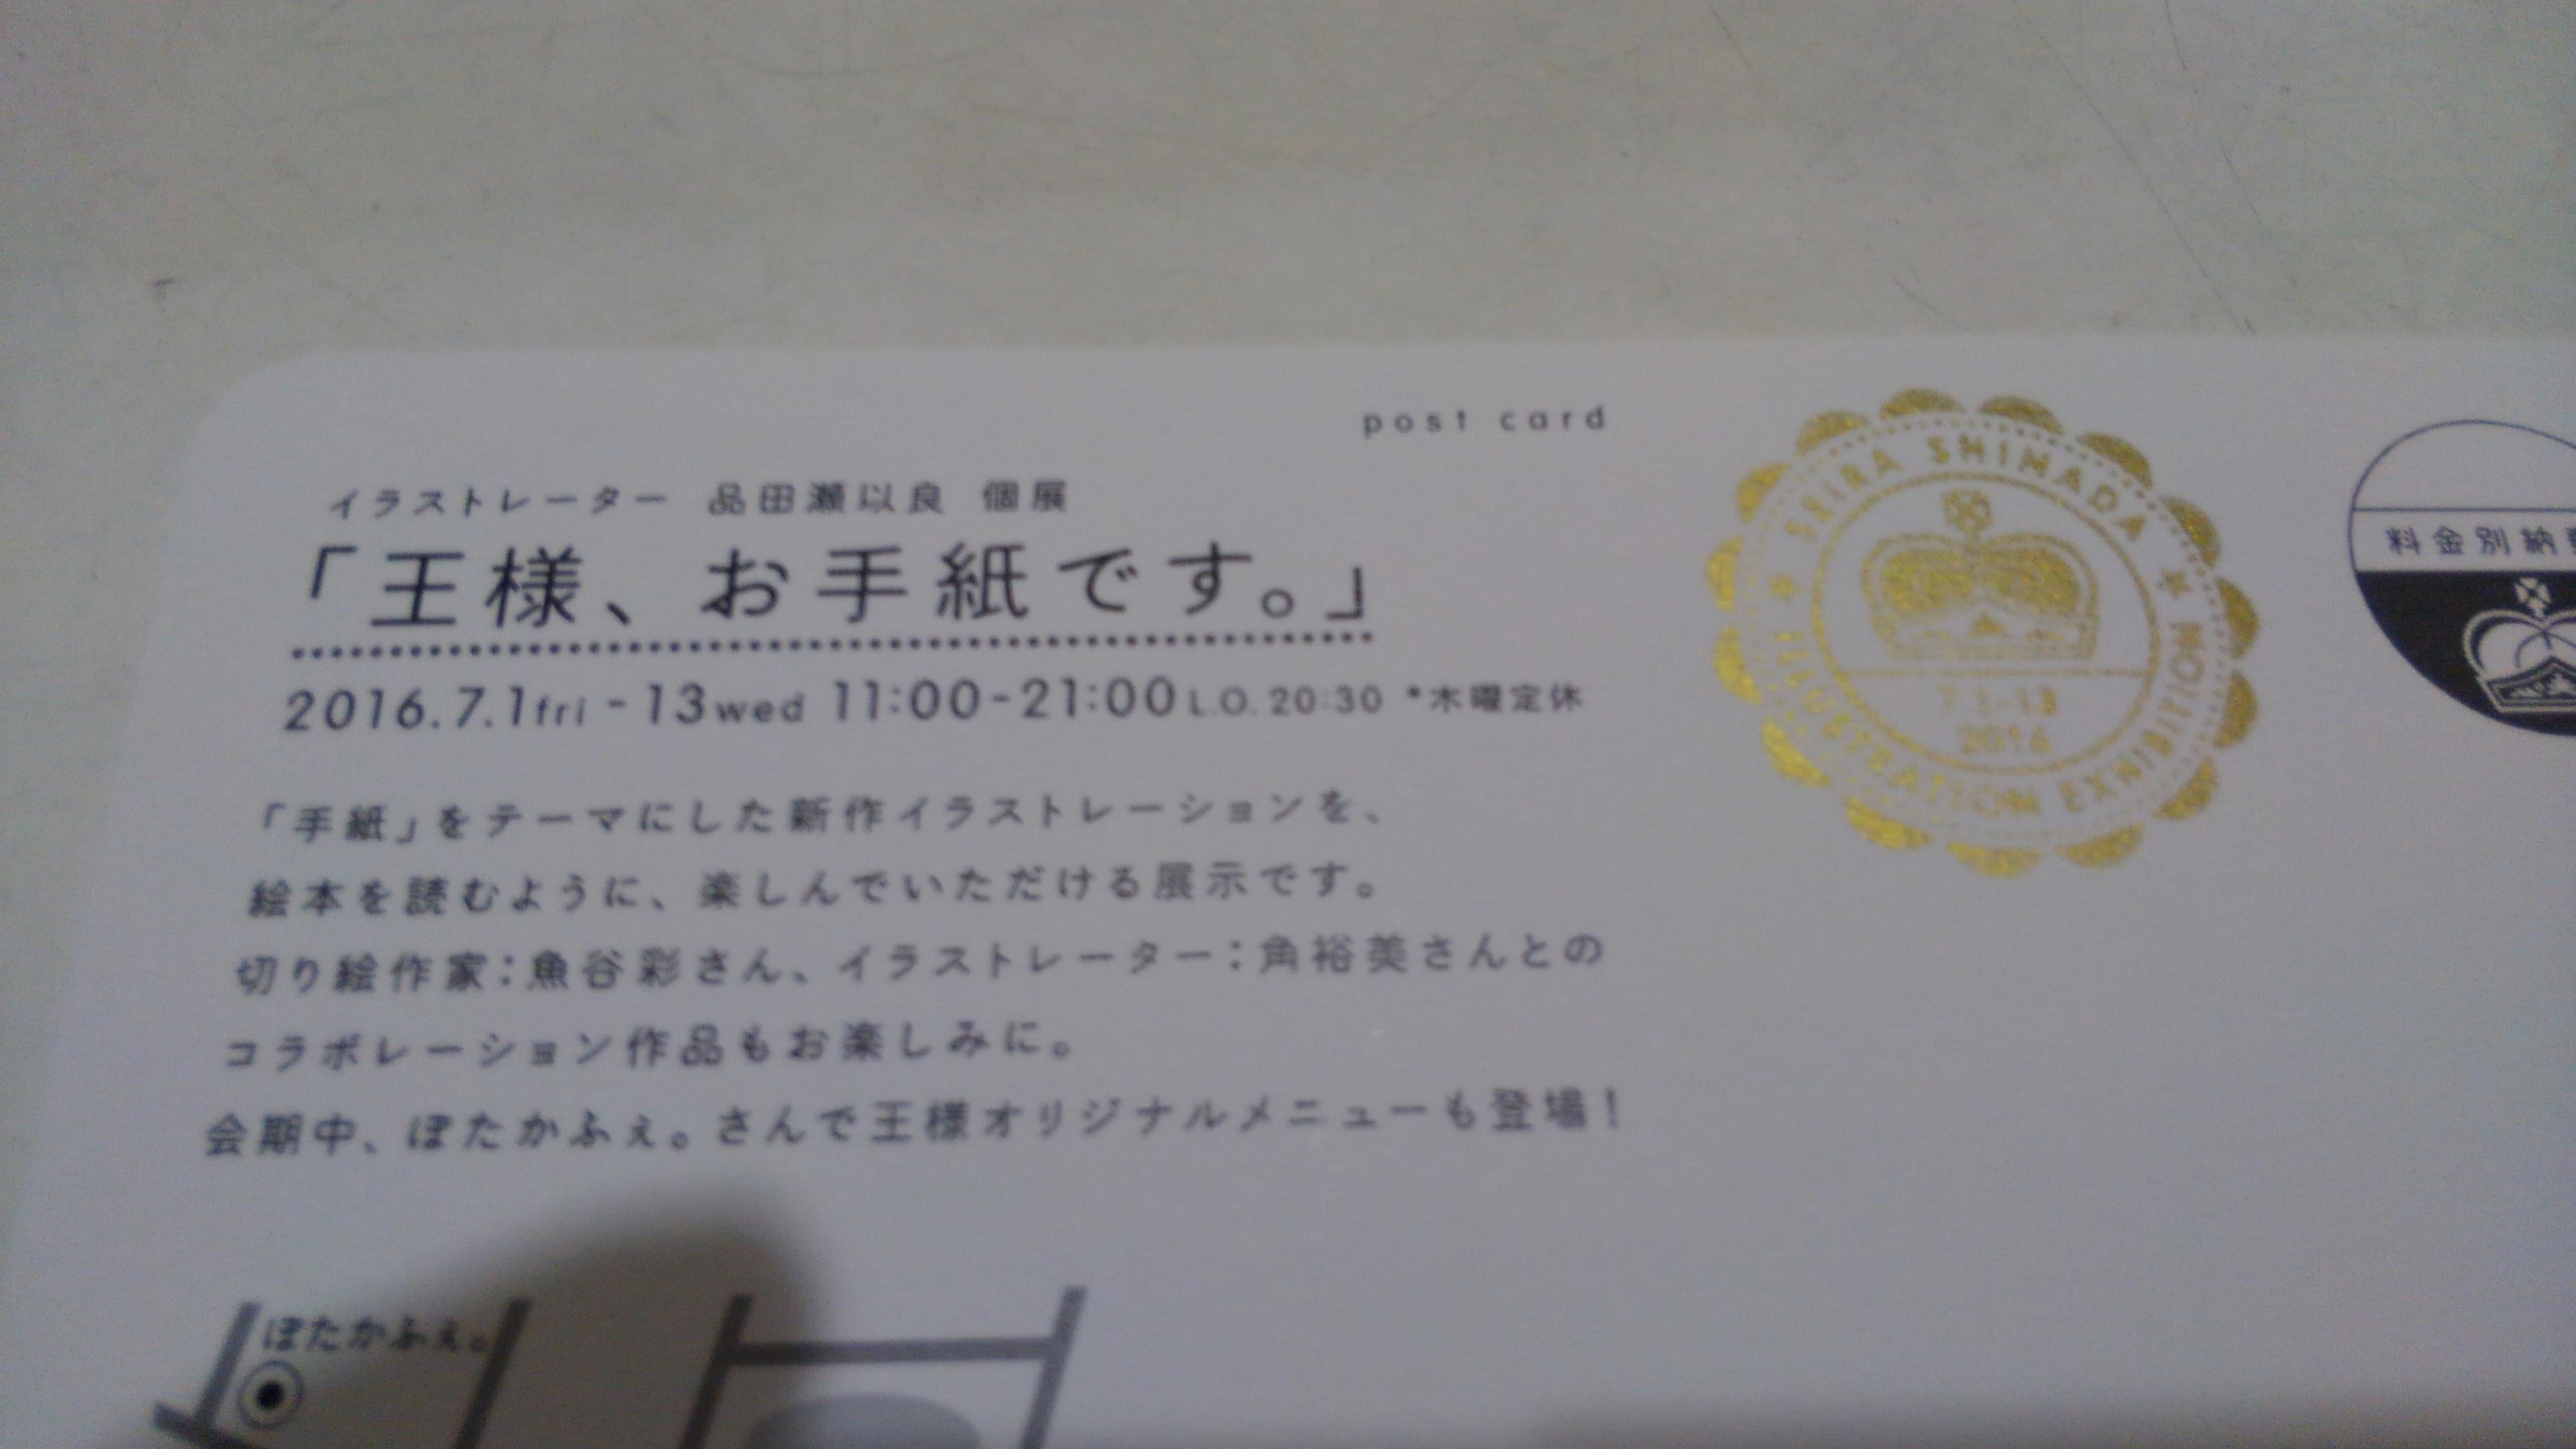 20160709194342490.jpg